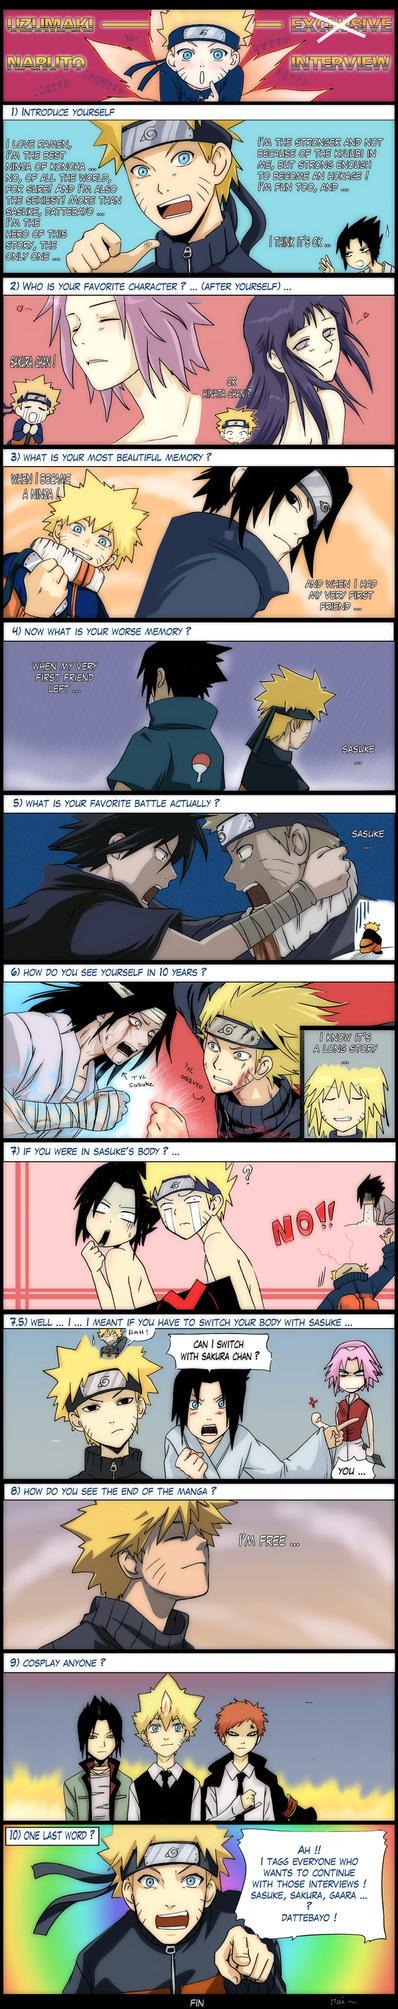 Naruto interview by kuro-mai